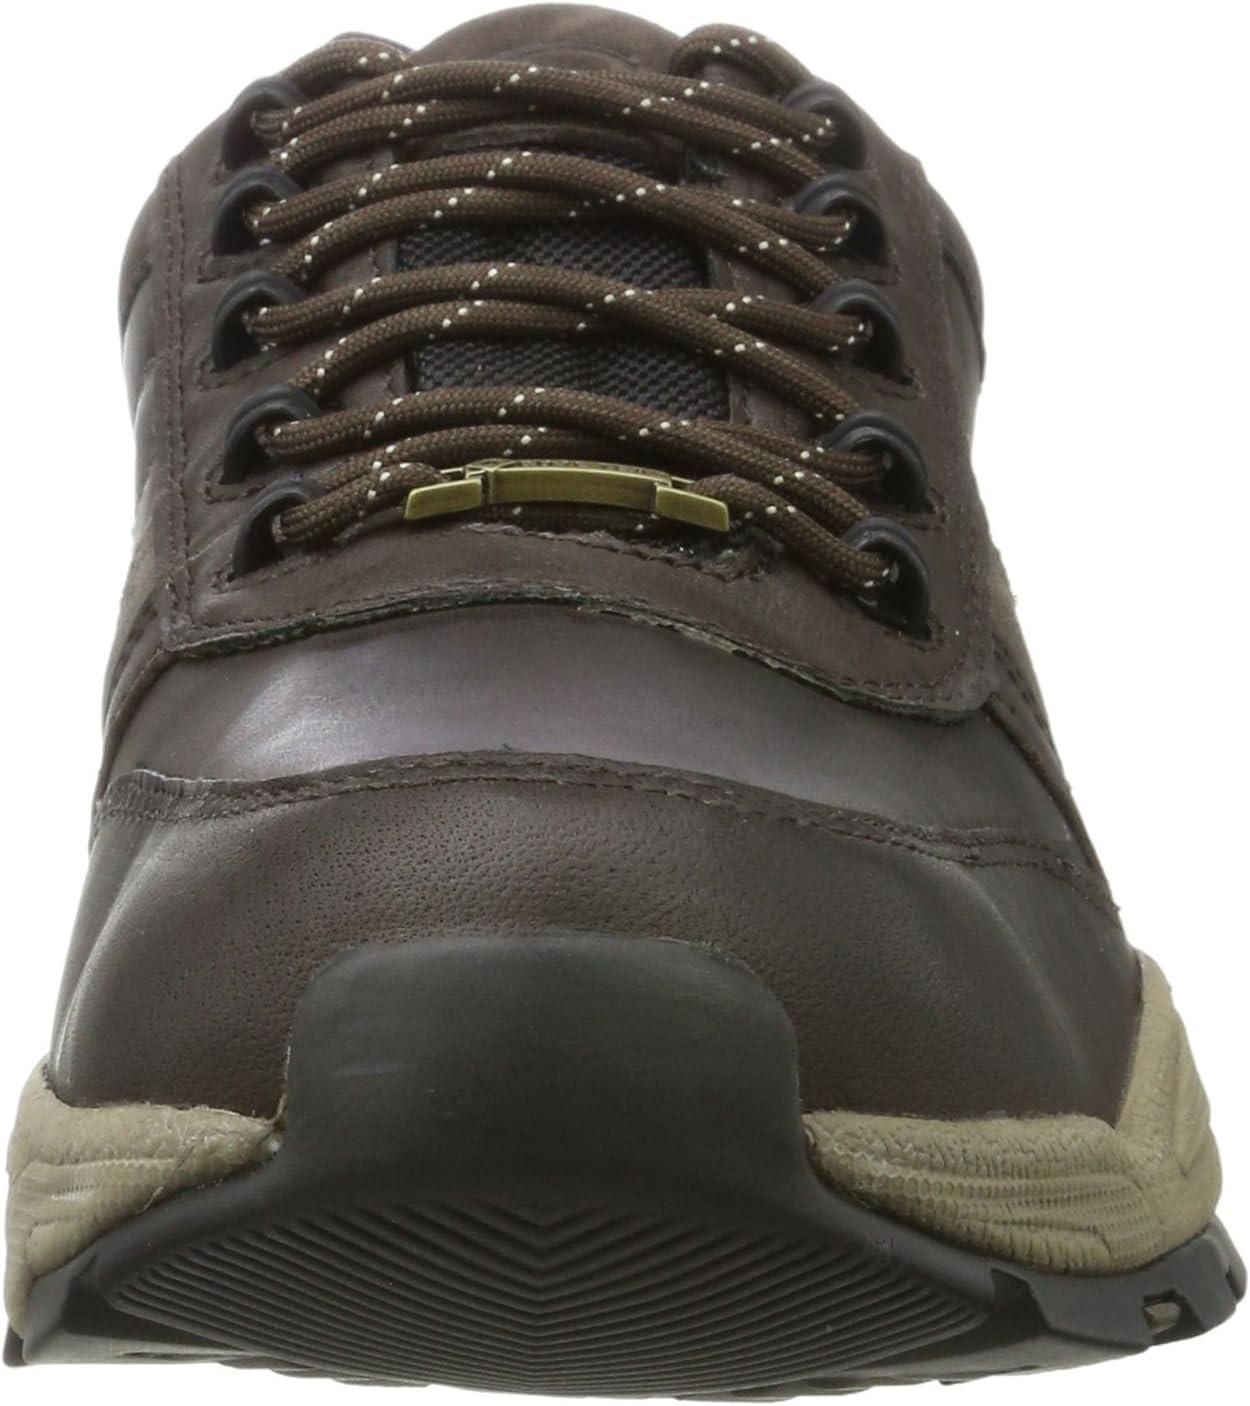 Camel Active Evo GTX 20 Sneakers voor heren Bruin Mocca Grey 4